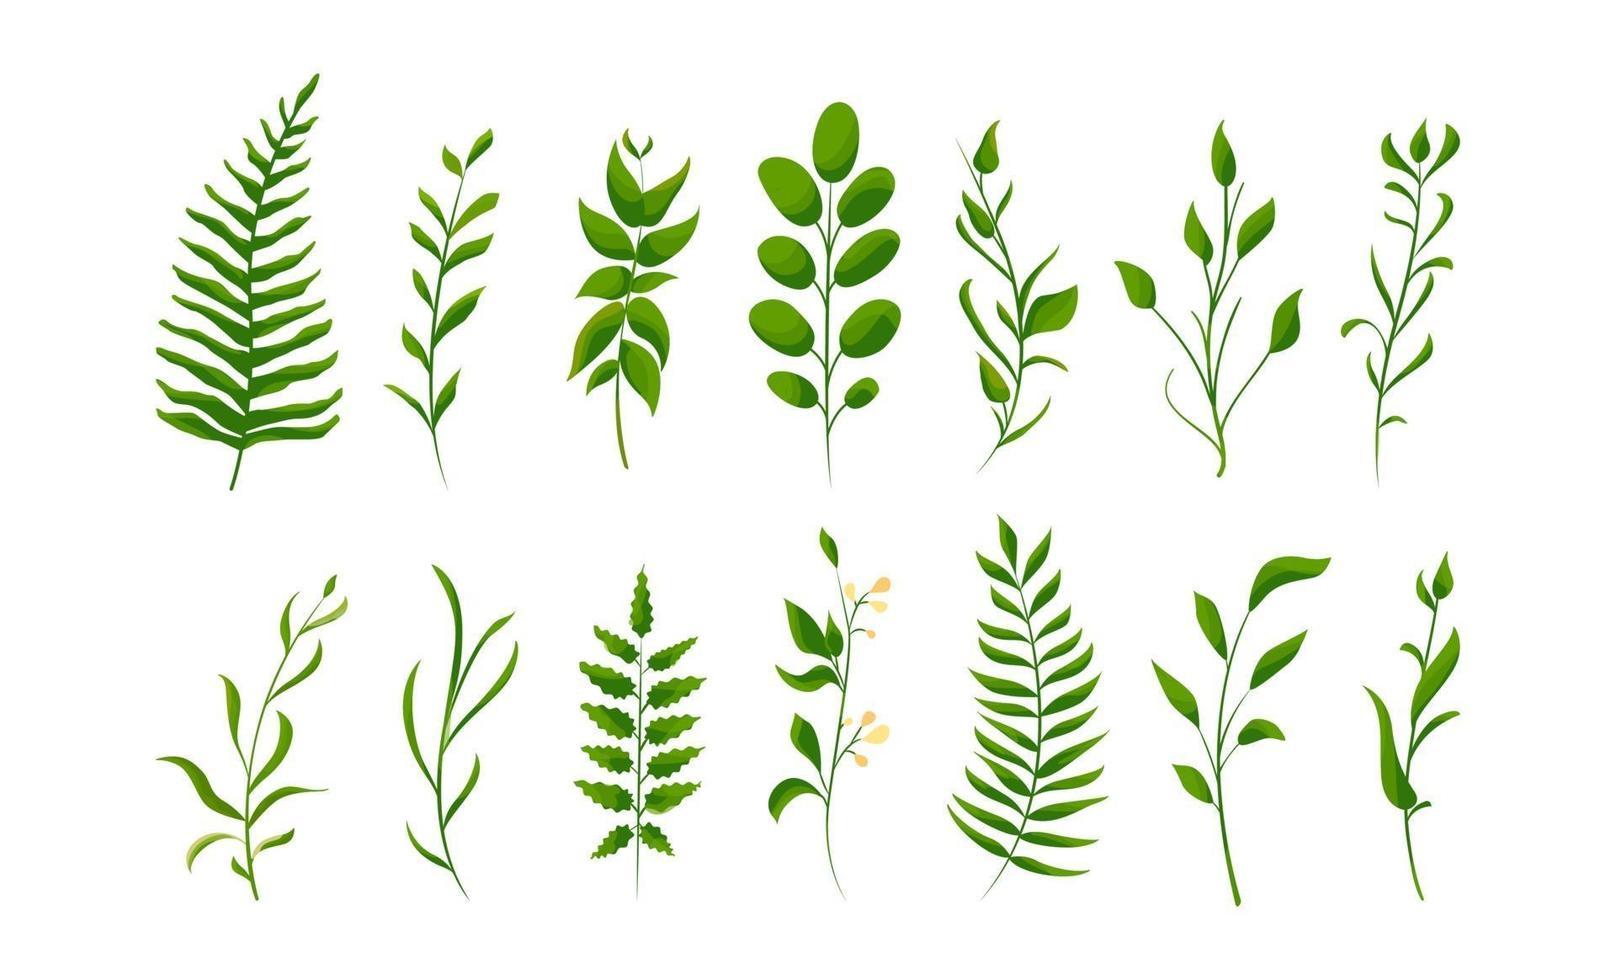 große Sammlung von grünem Waldfarn, tropisches Grün. isolierte natürliche Blätter. Birne, Aprikose, Maulbeere, Walnuss, Pflaume vektor